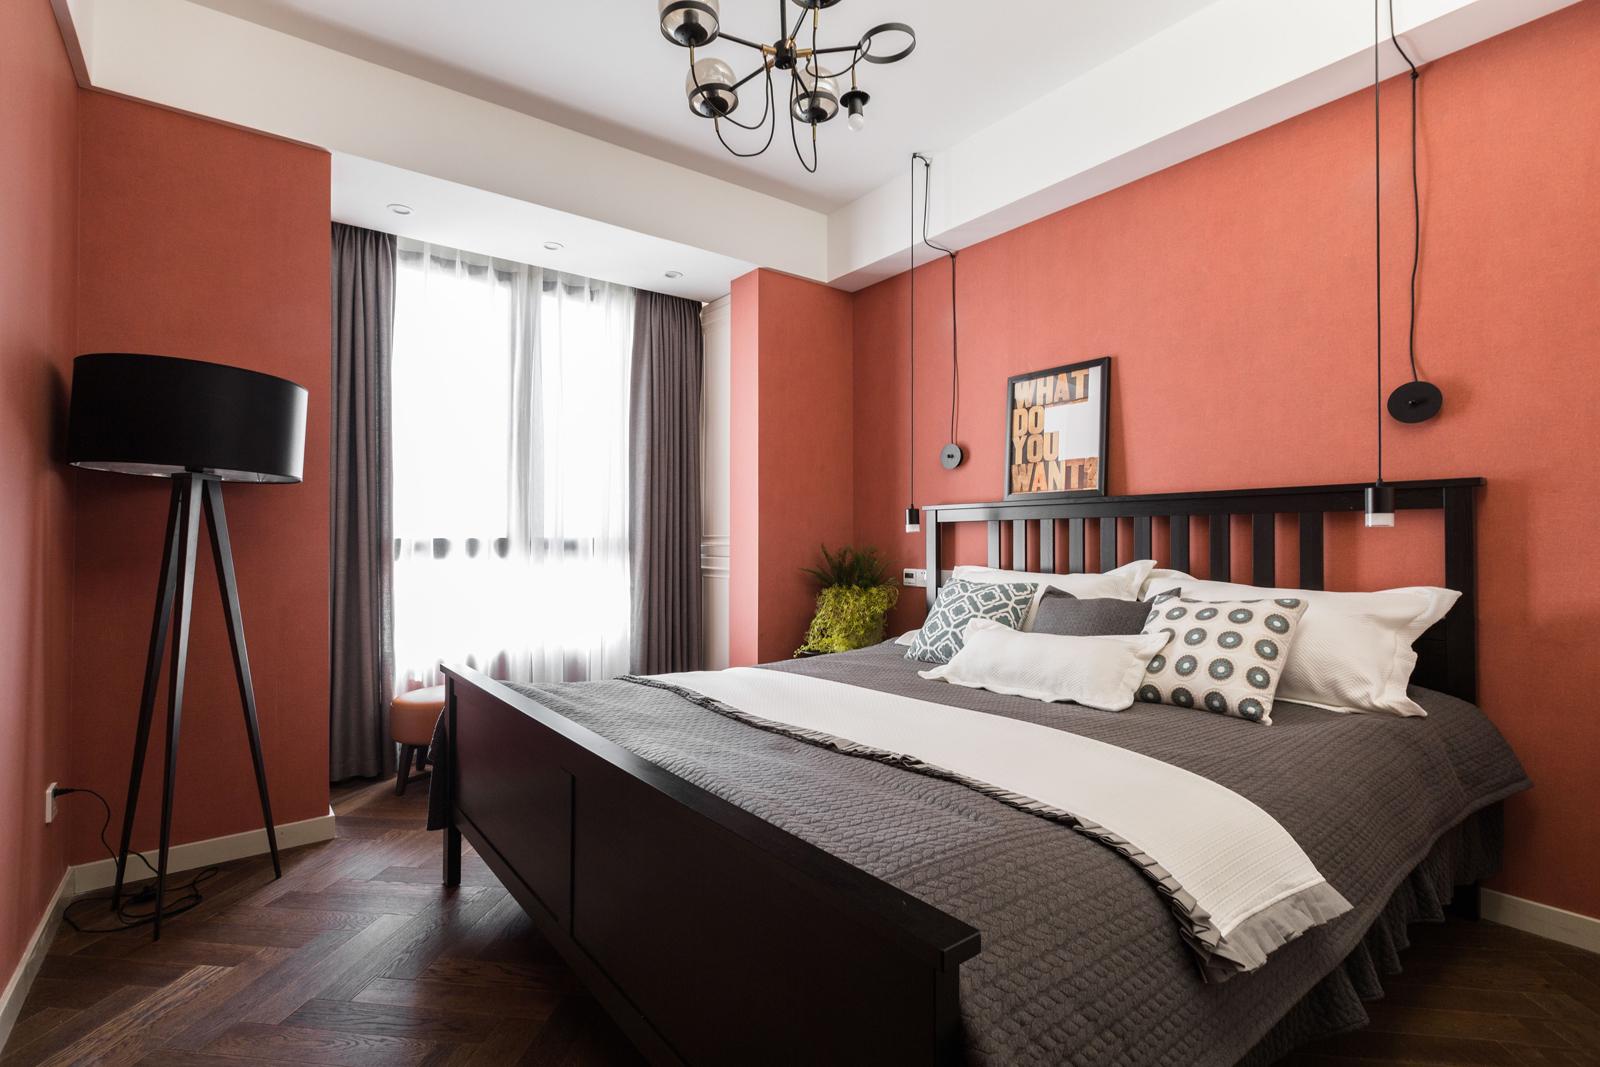 次卧的装修以红墙色为主色调,营造舒适的入眠环境。